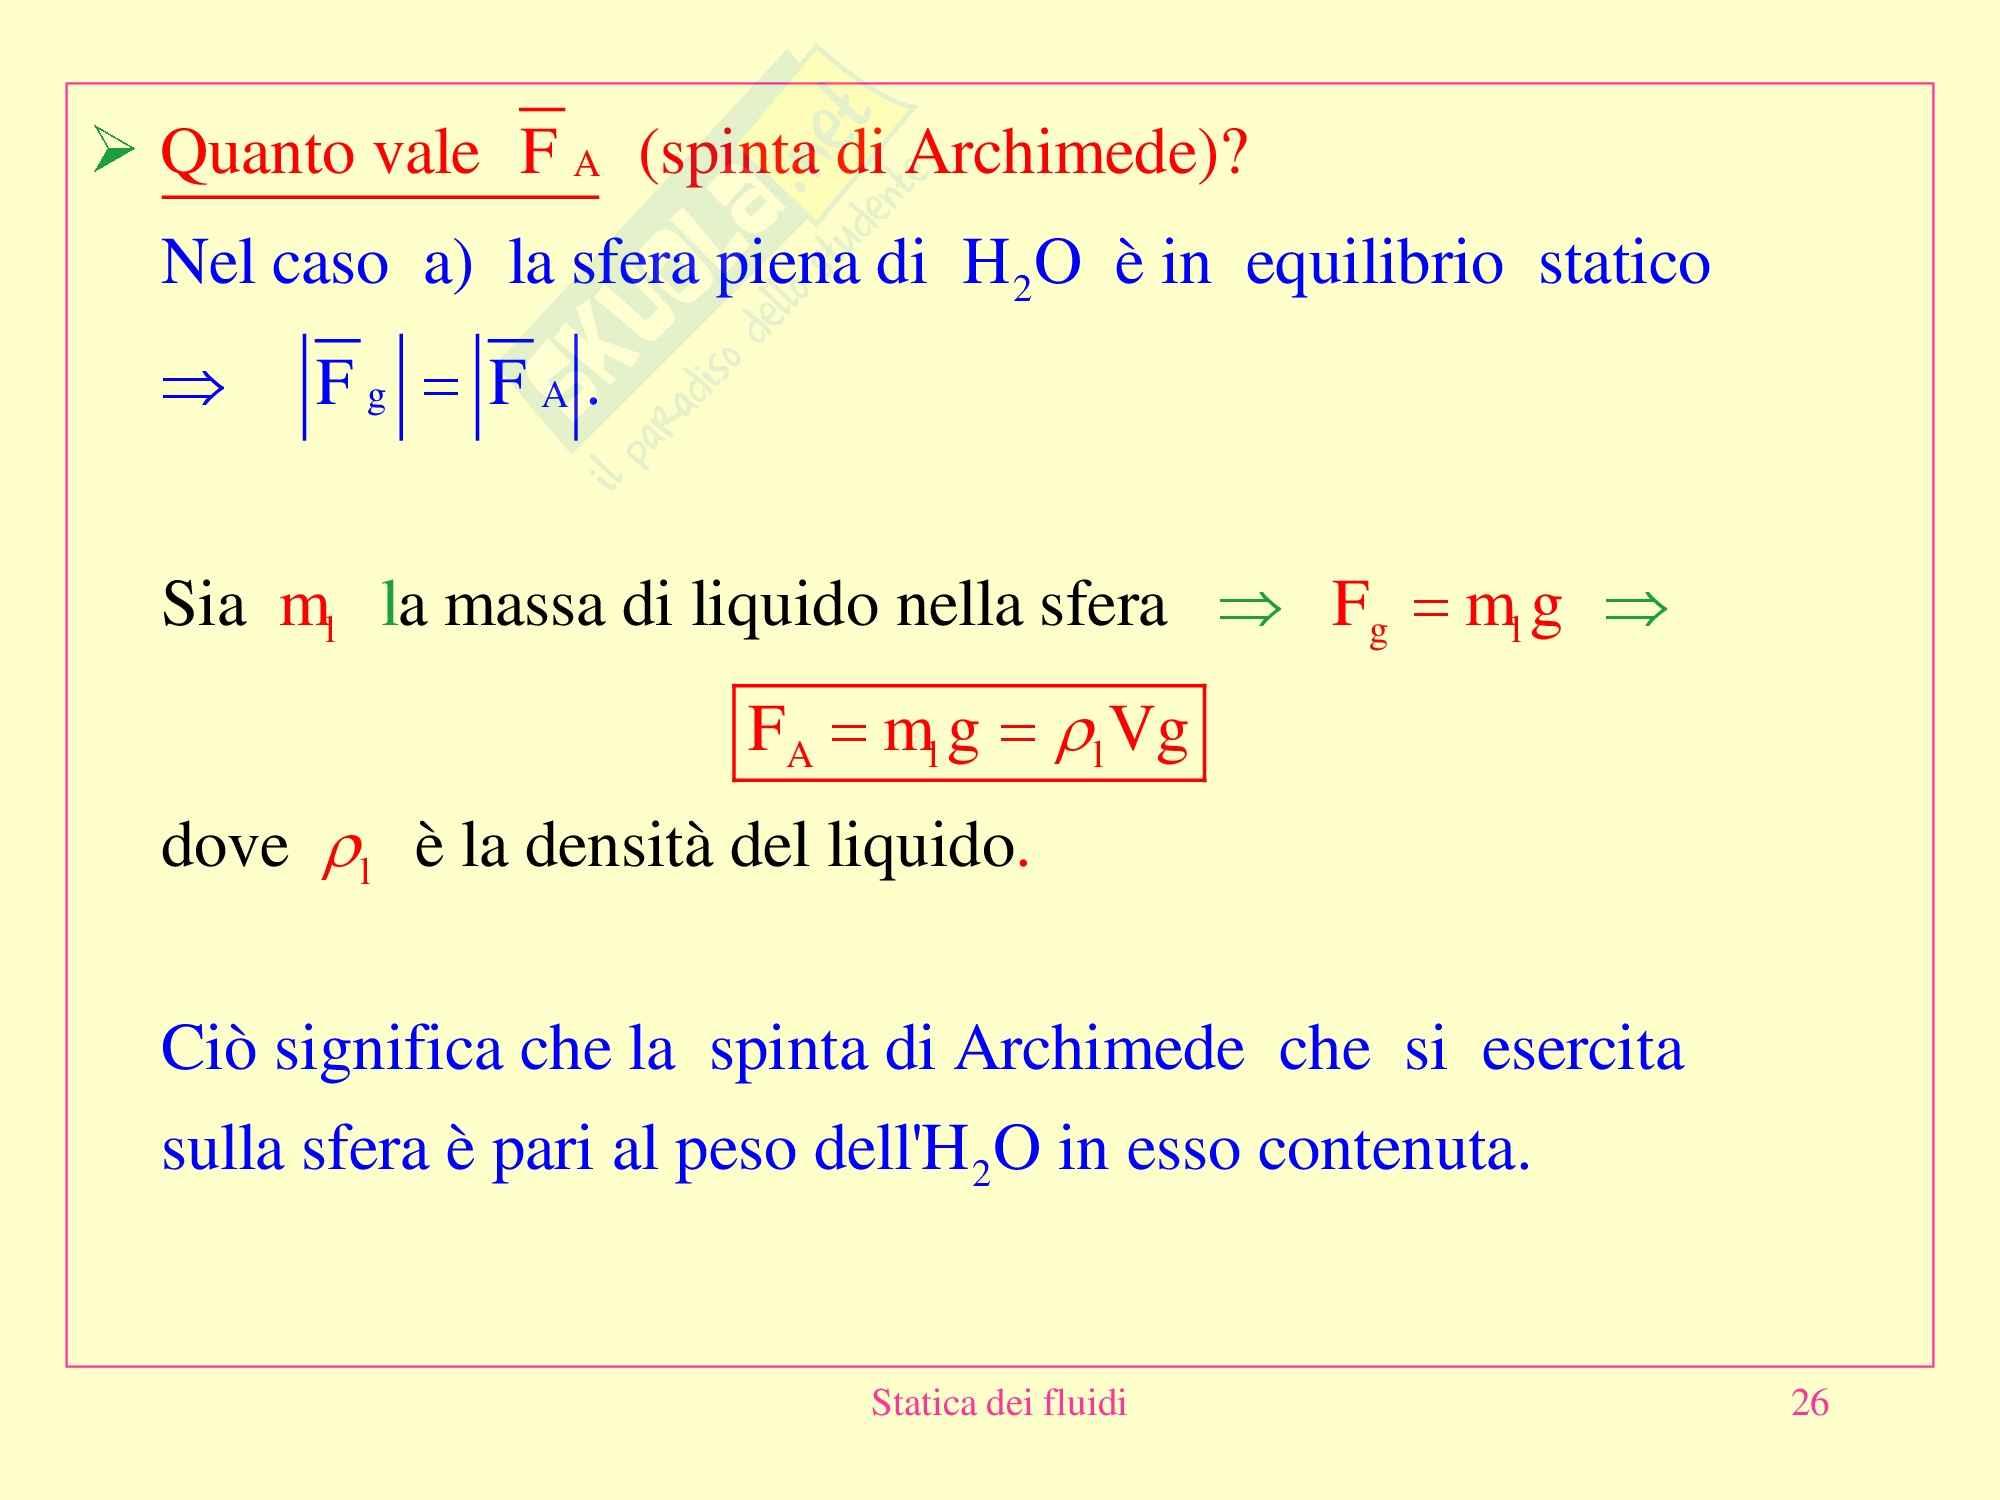 Fisica medica - statica dei fluidi Pag. 26